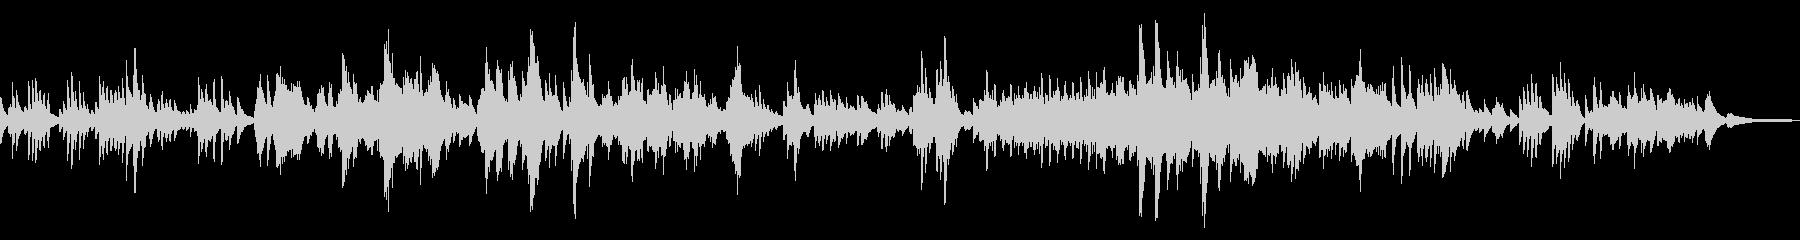 切ない/メロディアスな日常系ピアノソロの未再生の波形